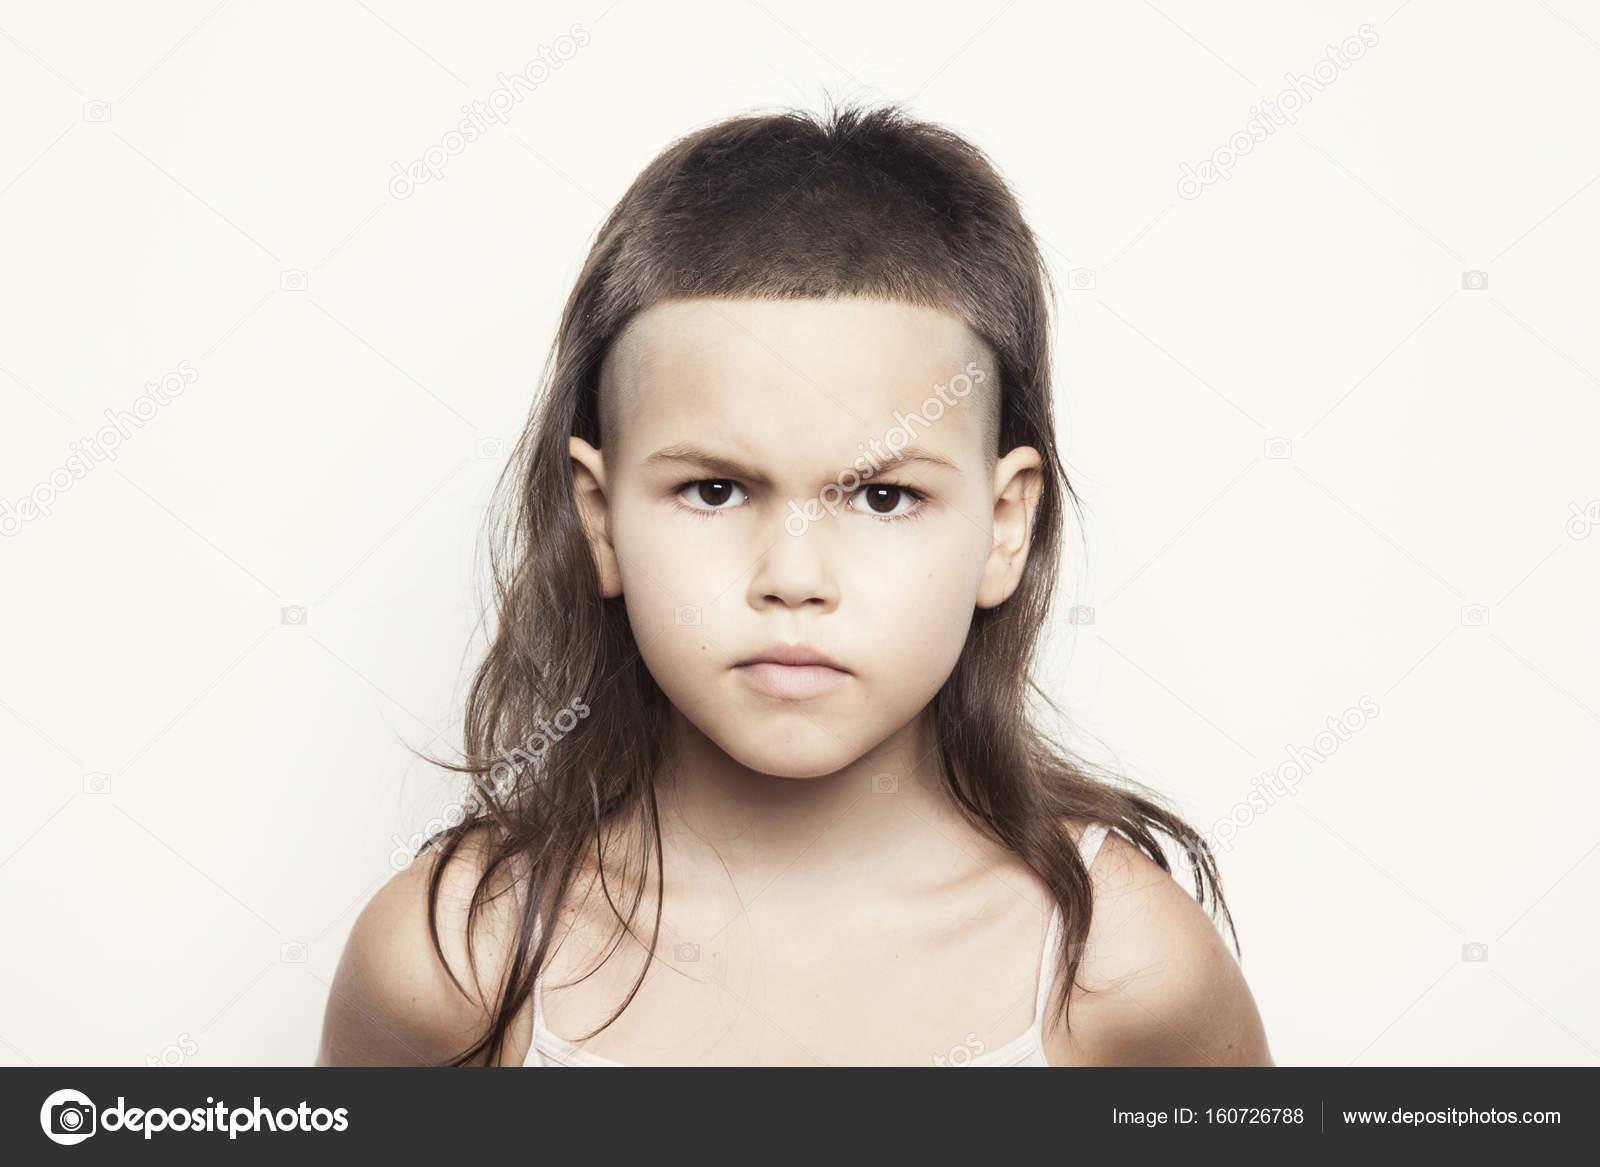 chica con corte de pelo moderno mirando seriamente foto de radarani - Corte De Pelo Moderno